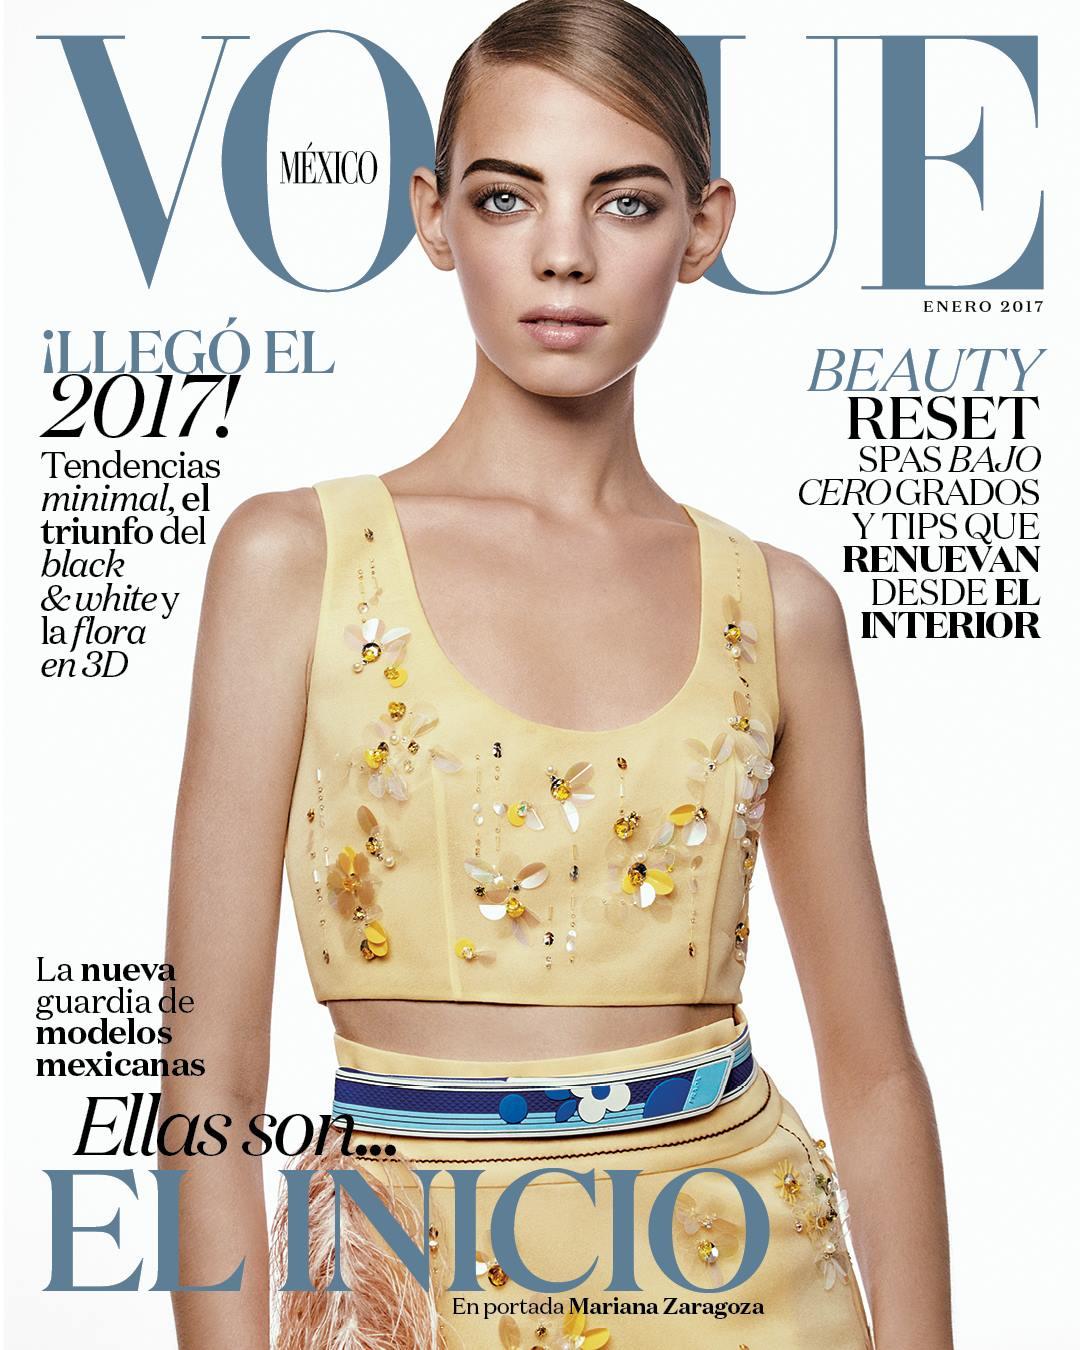 Mariana Zaragoza en su primera portada para Vogue (Foto: Vogue México)